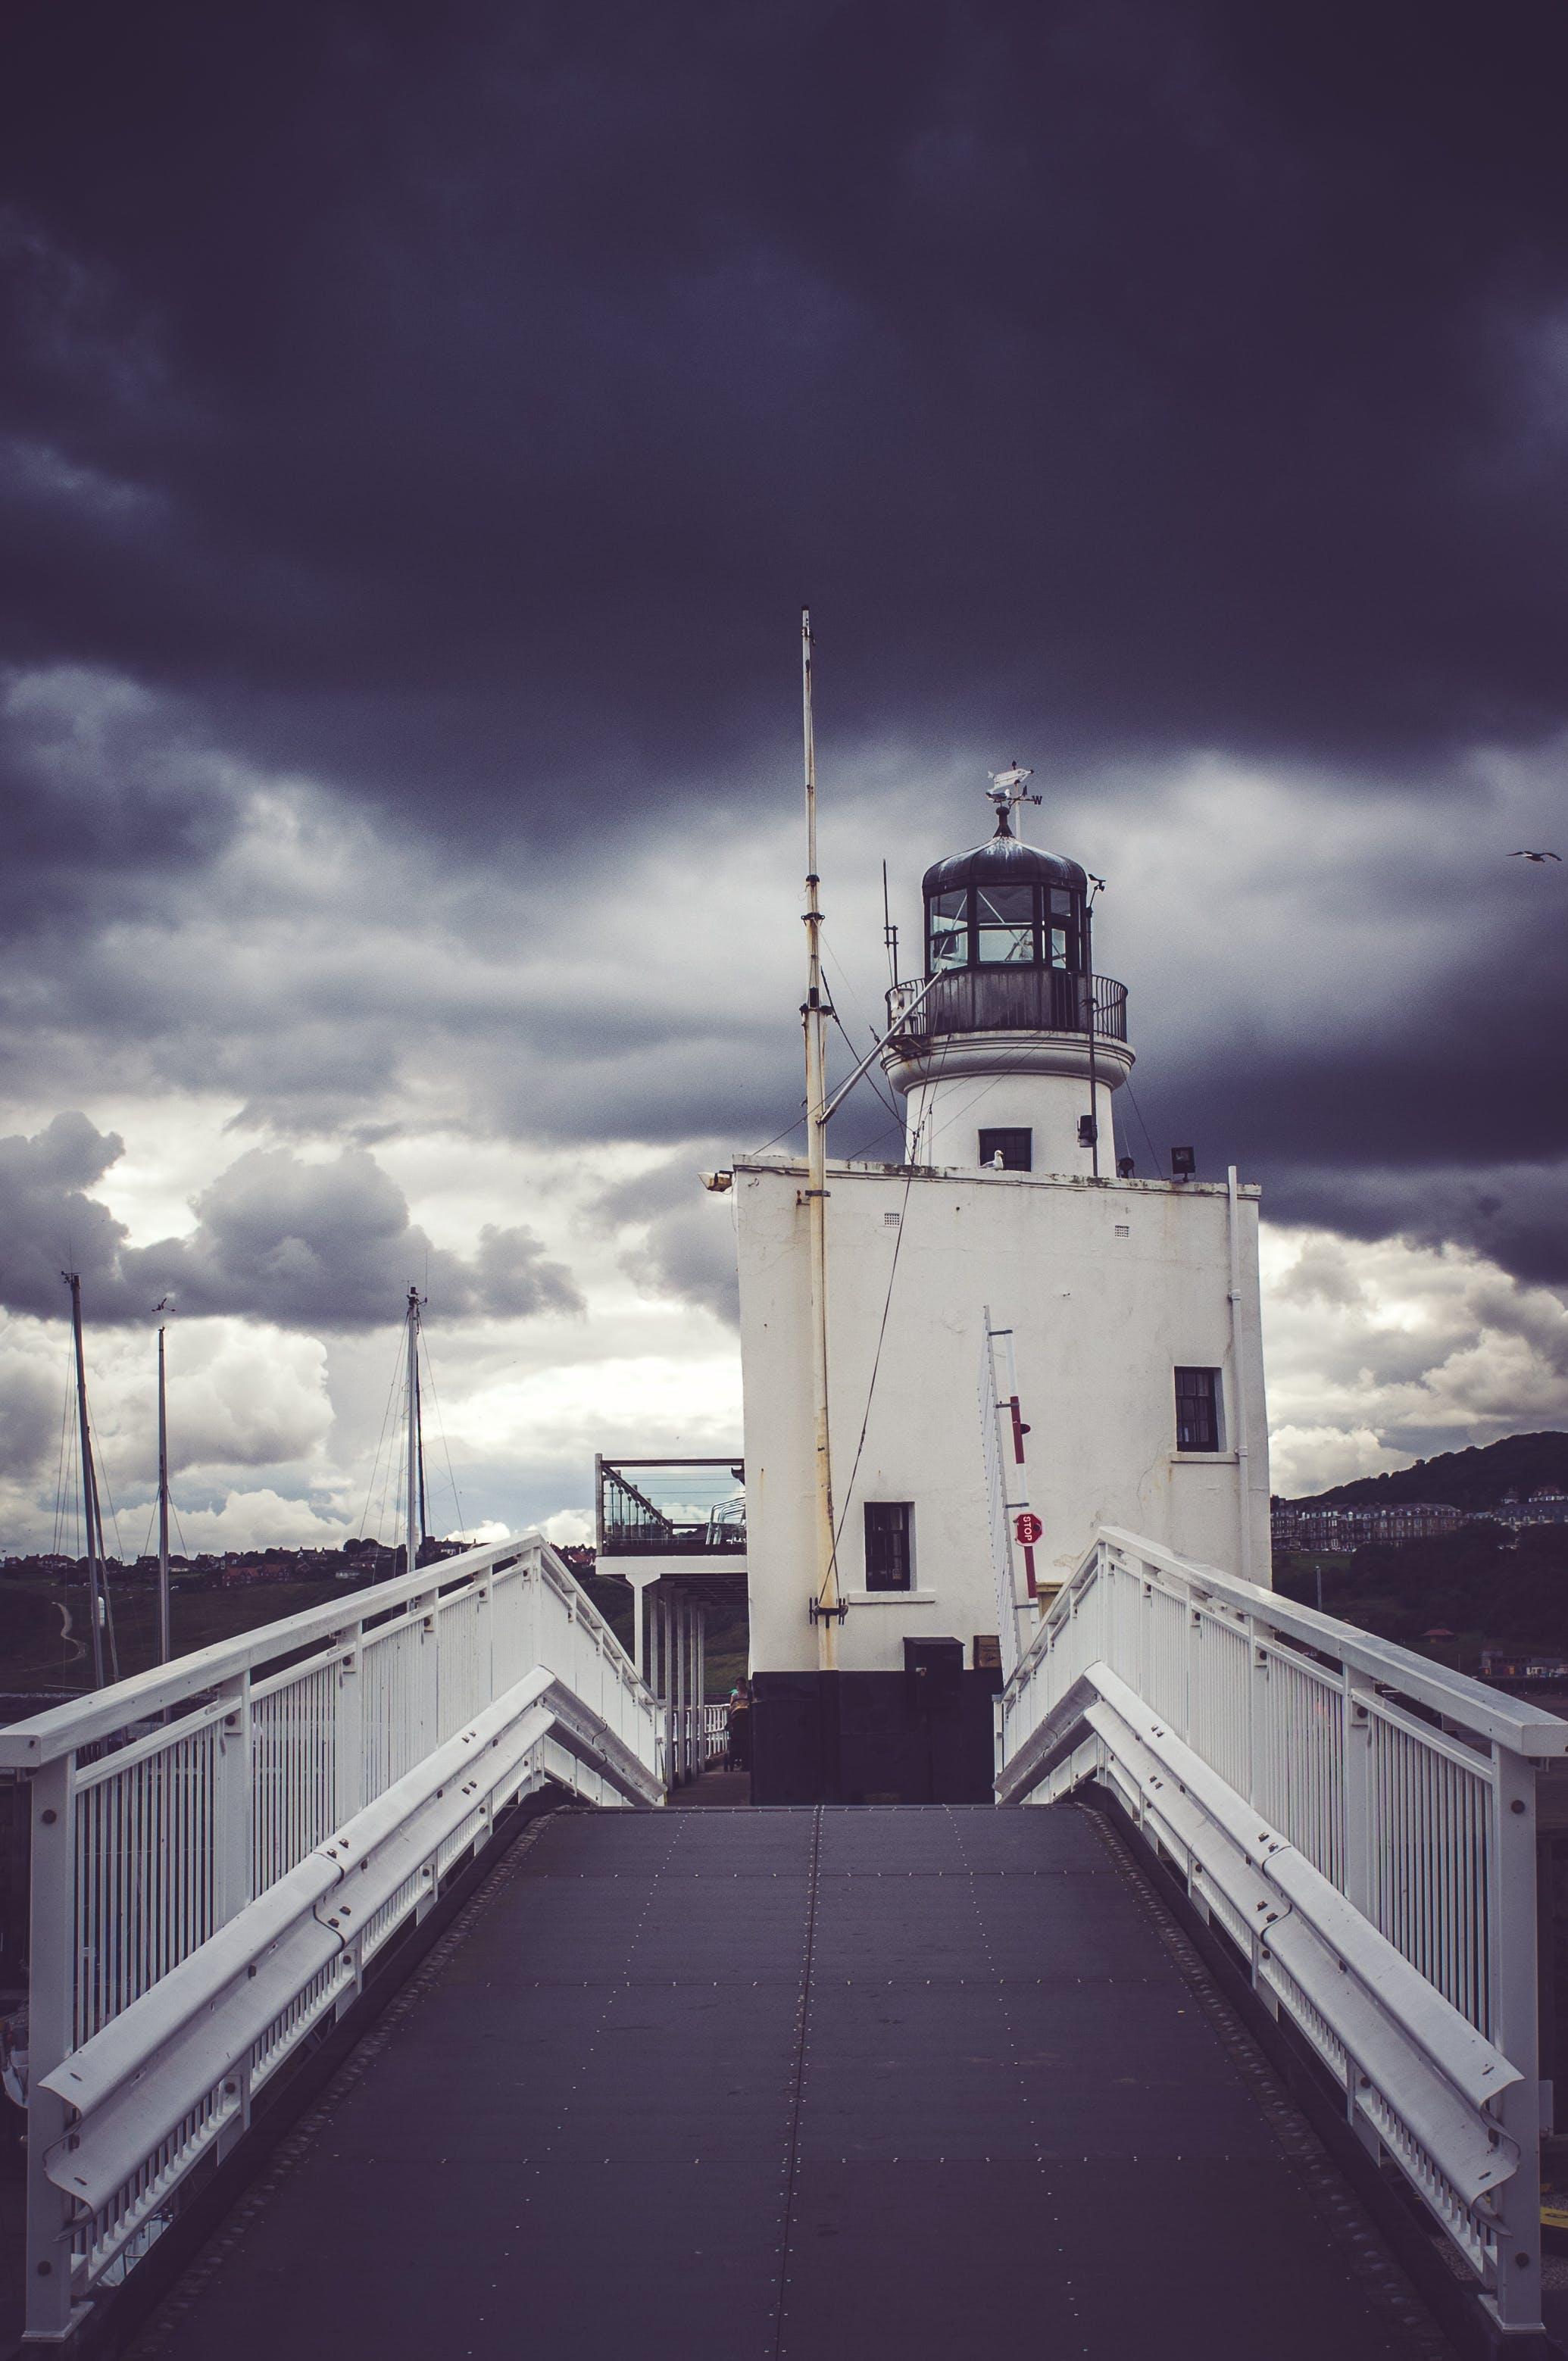 La tempesta si sposterà sulla costa orientale venerdì. thumbnail